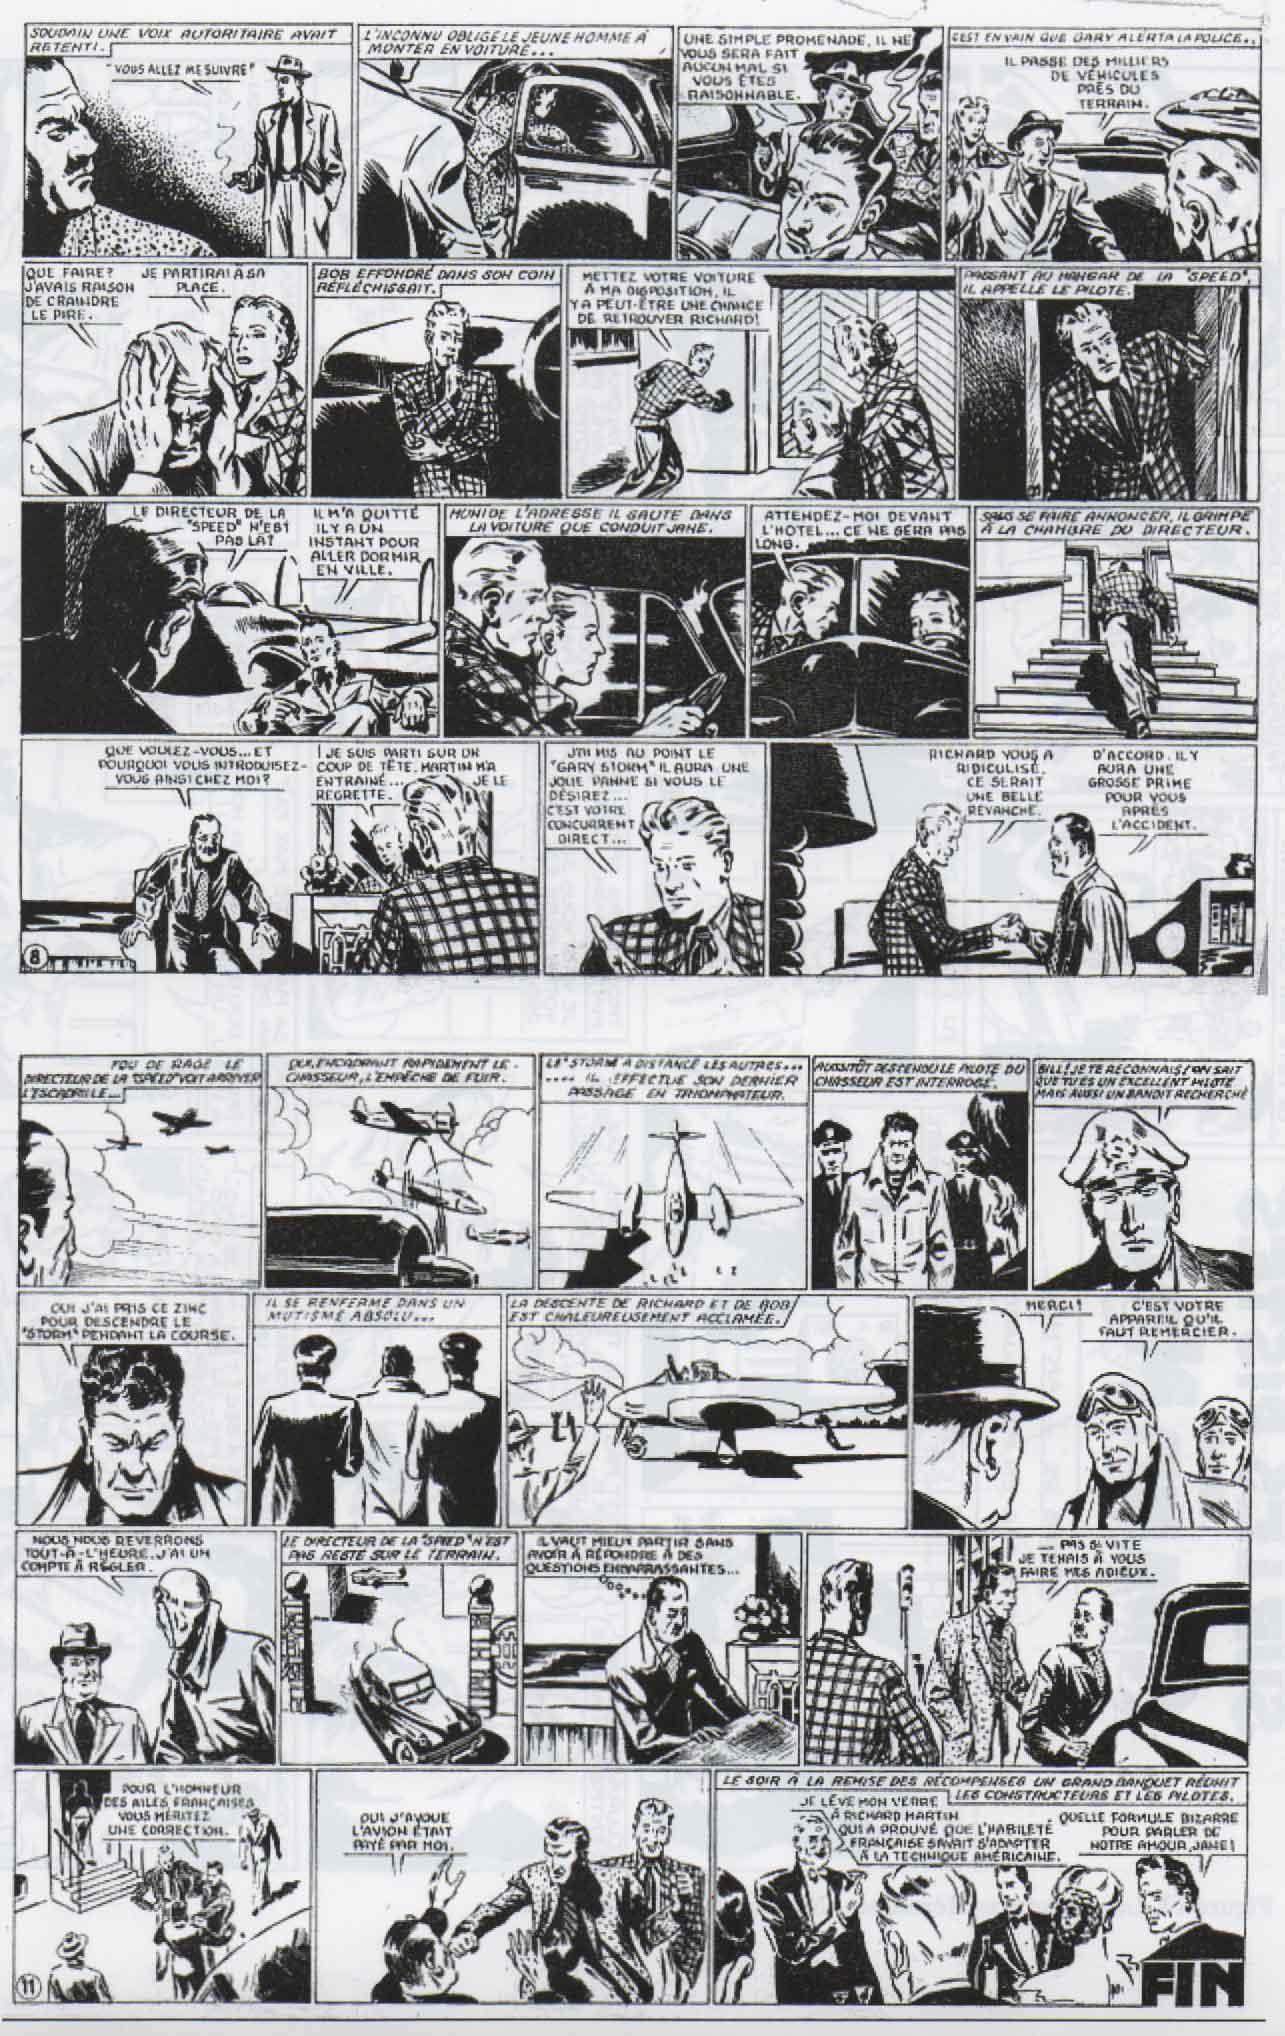 « Atterrissage forcé » Aventures Héroïques (août 1949).